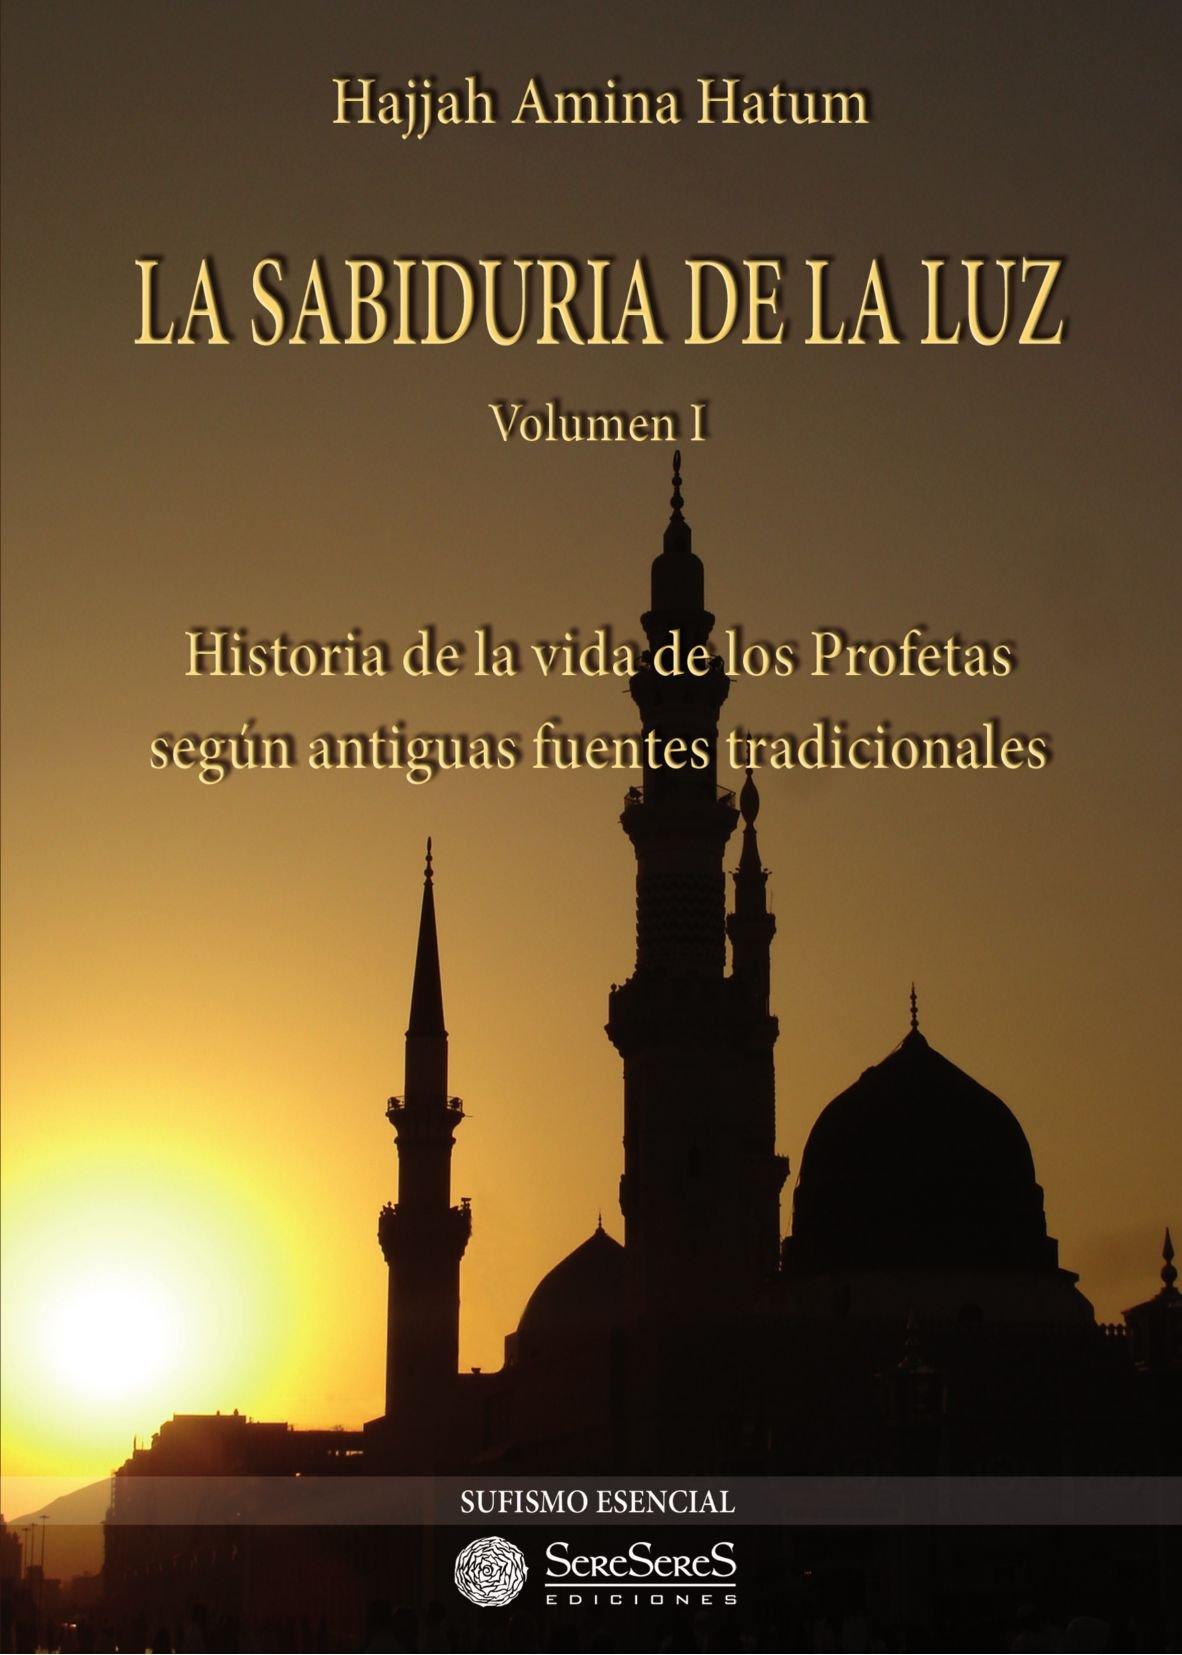 La Sabiduría de la Luz: Volumen 1 (Spanish Edition): Hajjah Amina Hatum: 9789872563813: Amazon.com: Books